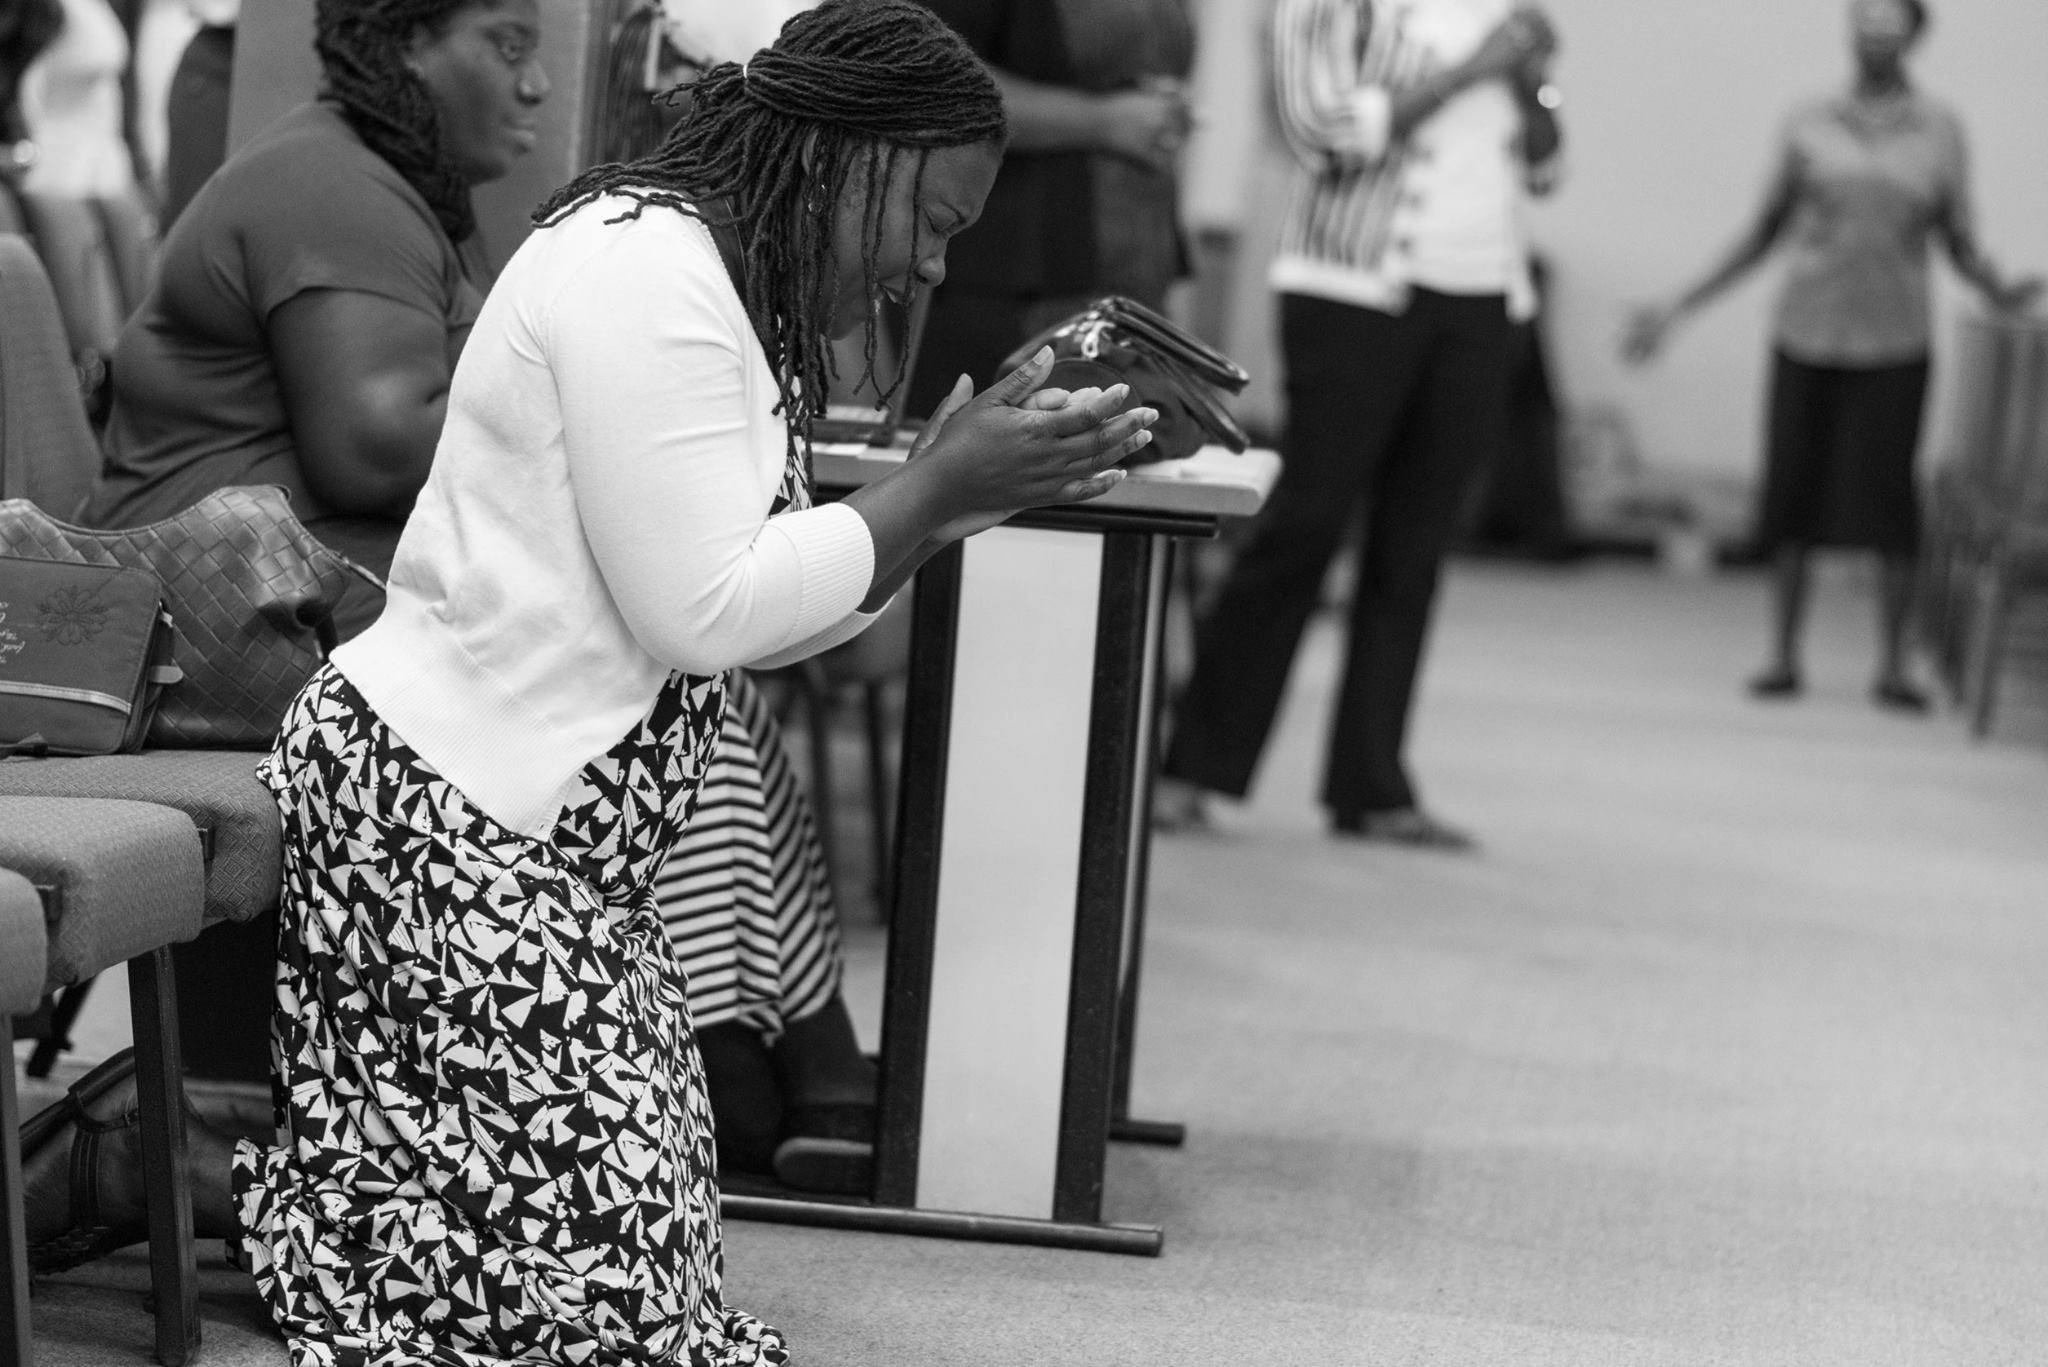 http://feltabonline.org/wp-content/uploads/2018/02/prayer.jpg